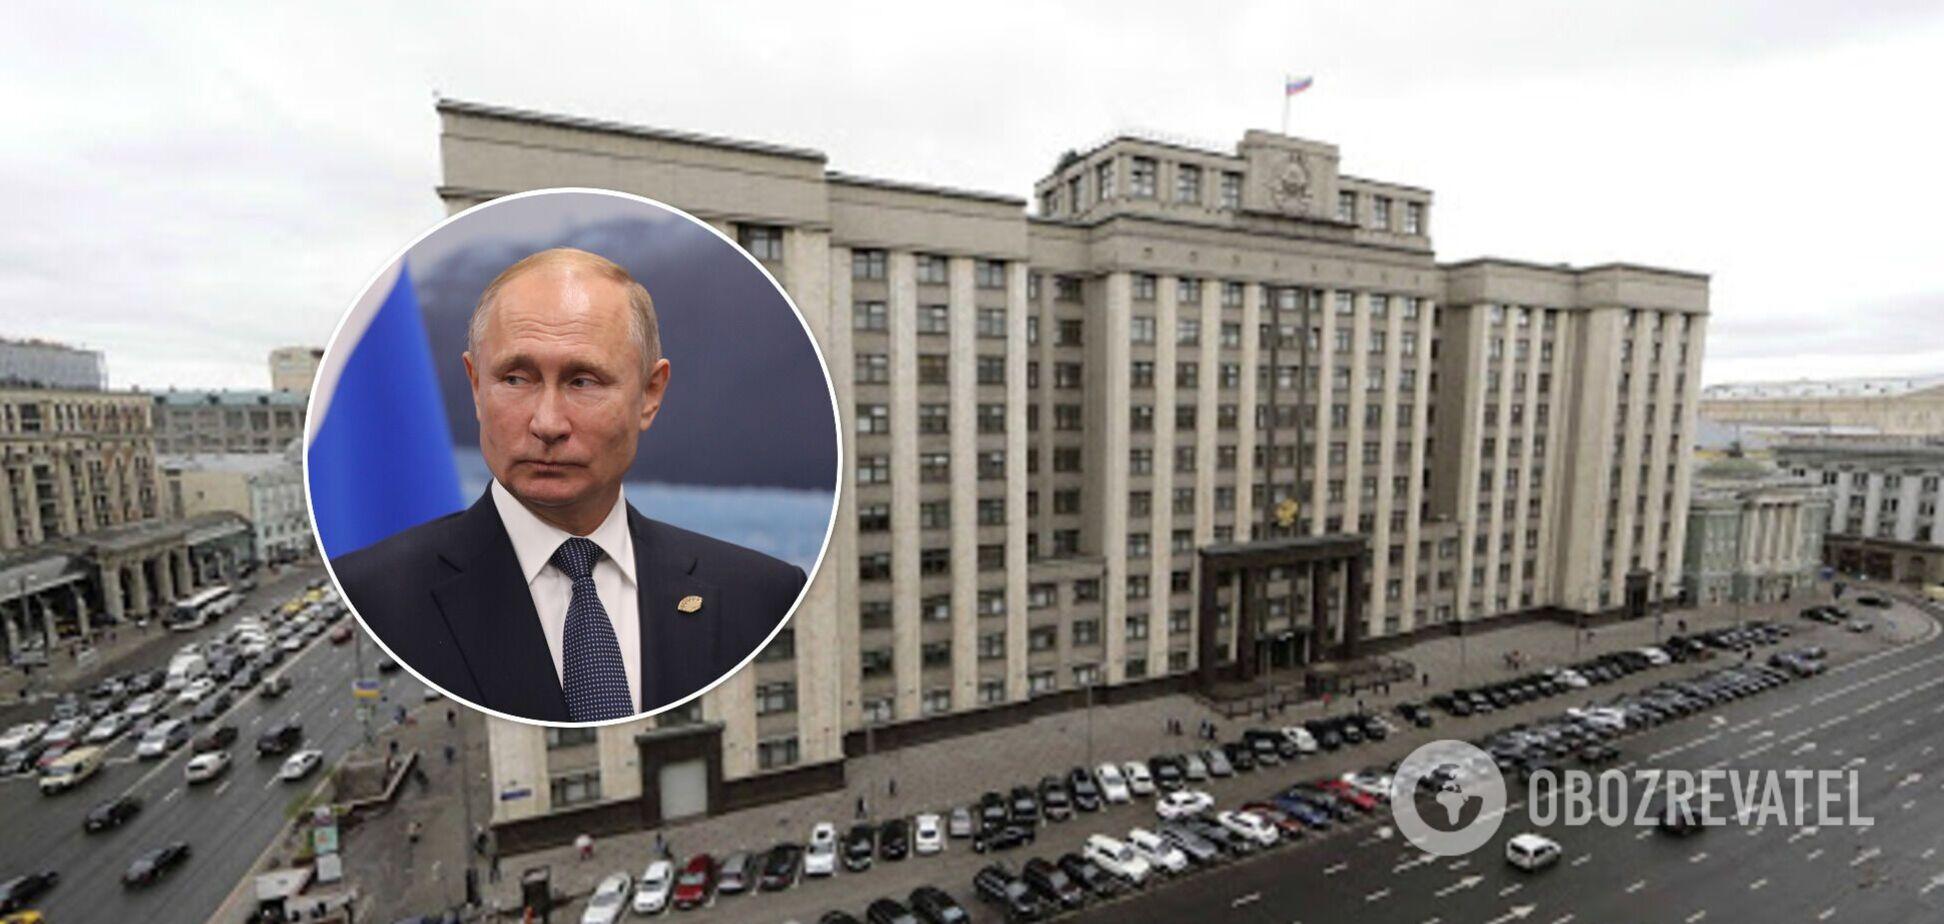 Навіщо партія Путіна веде в парламент бойовиків, що воювали на Донбасі